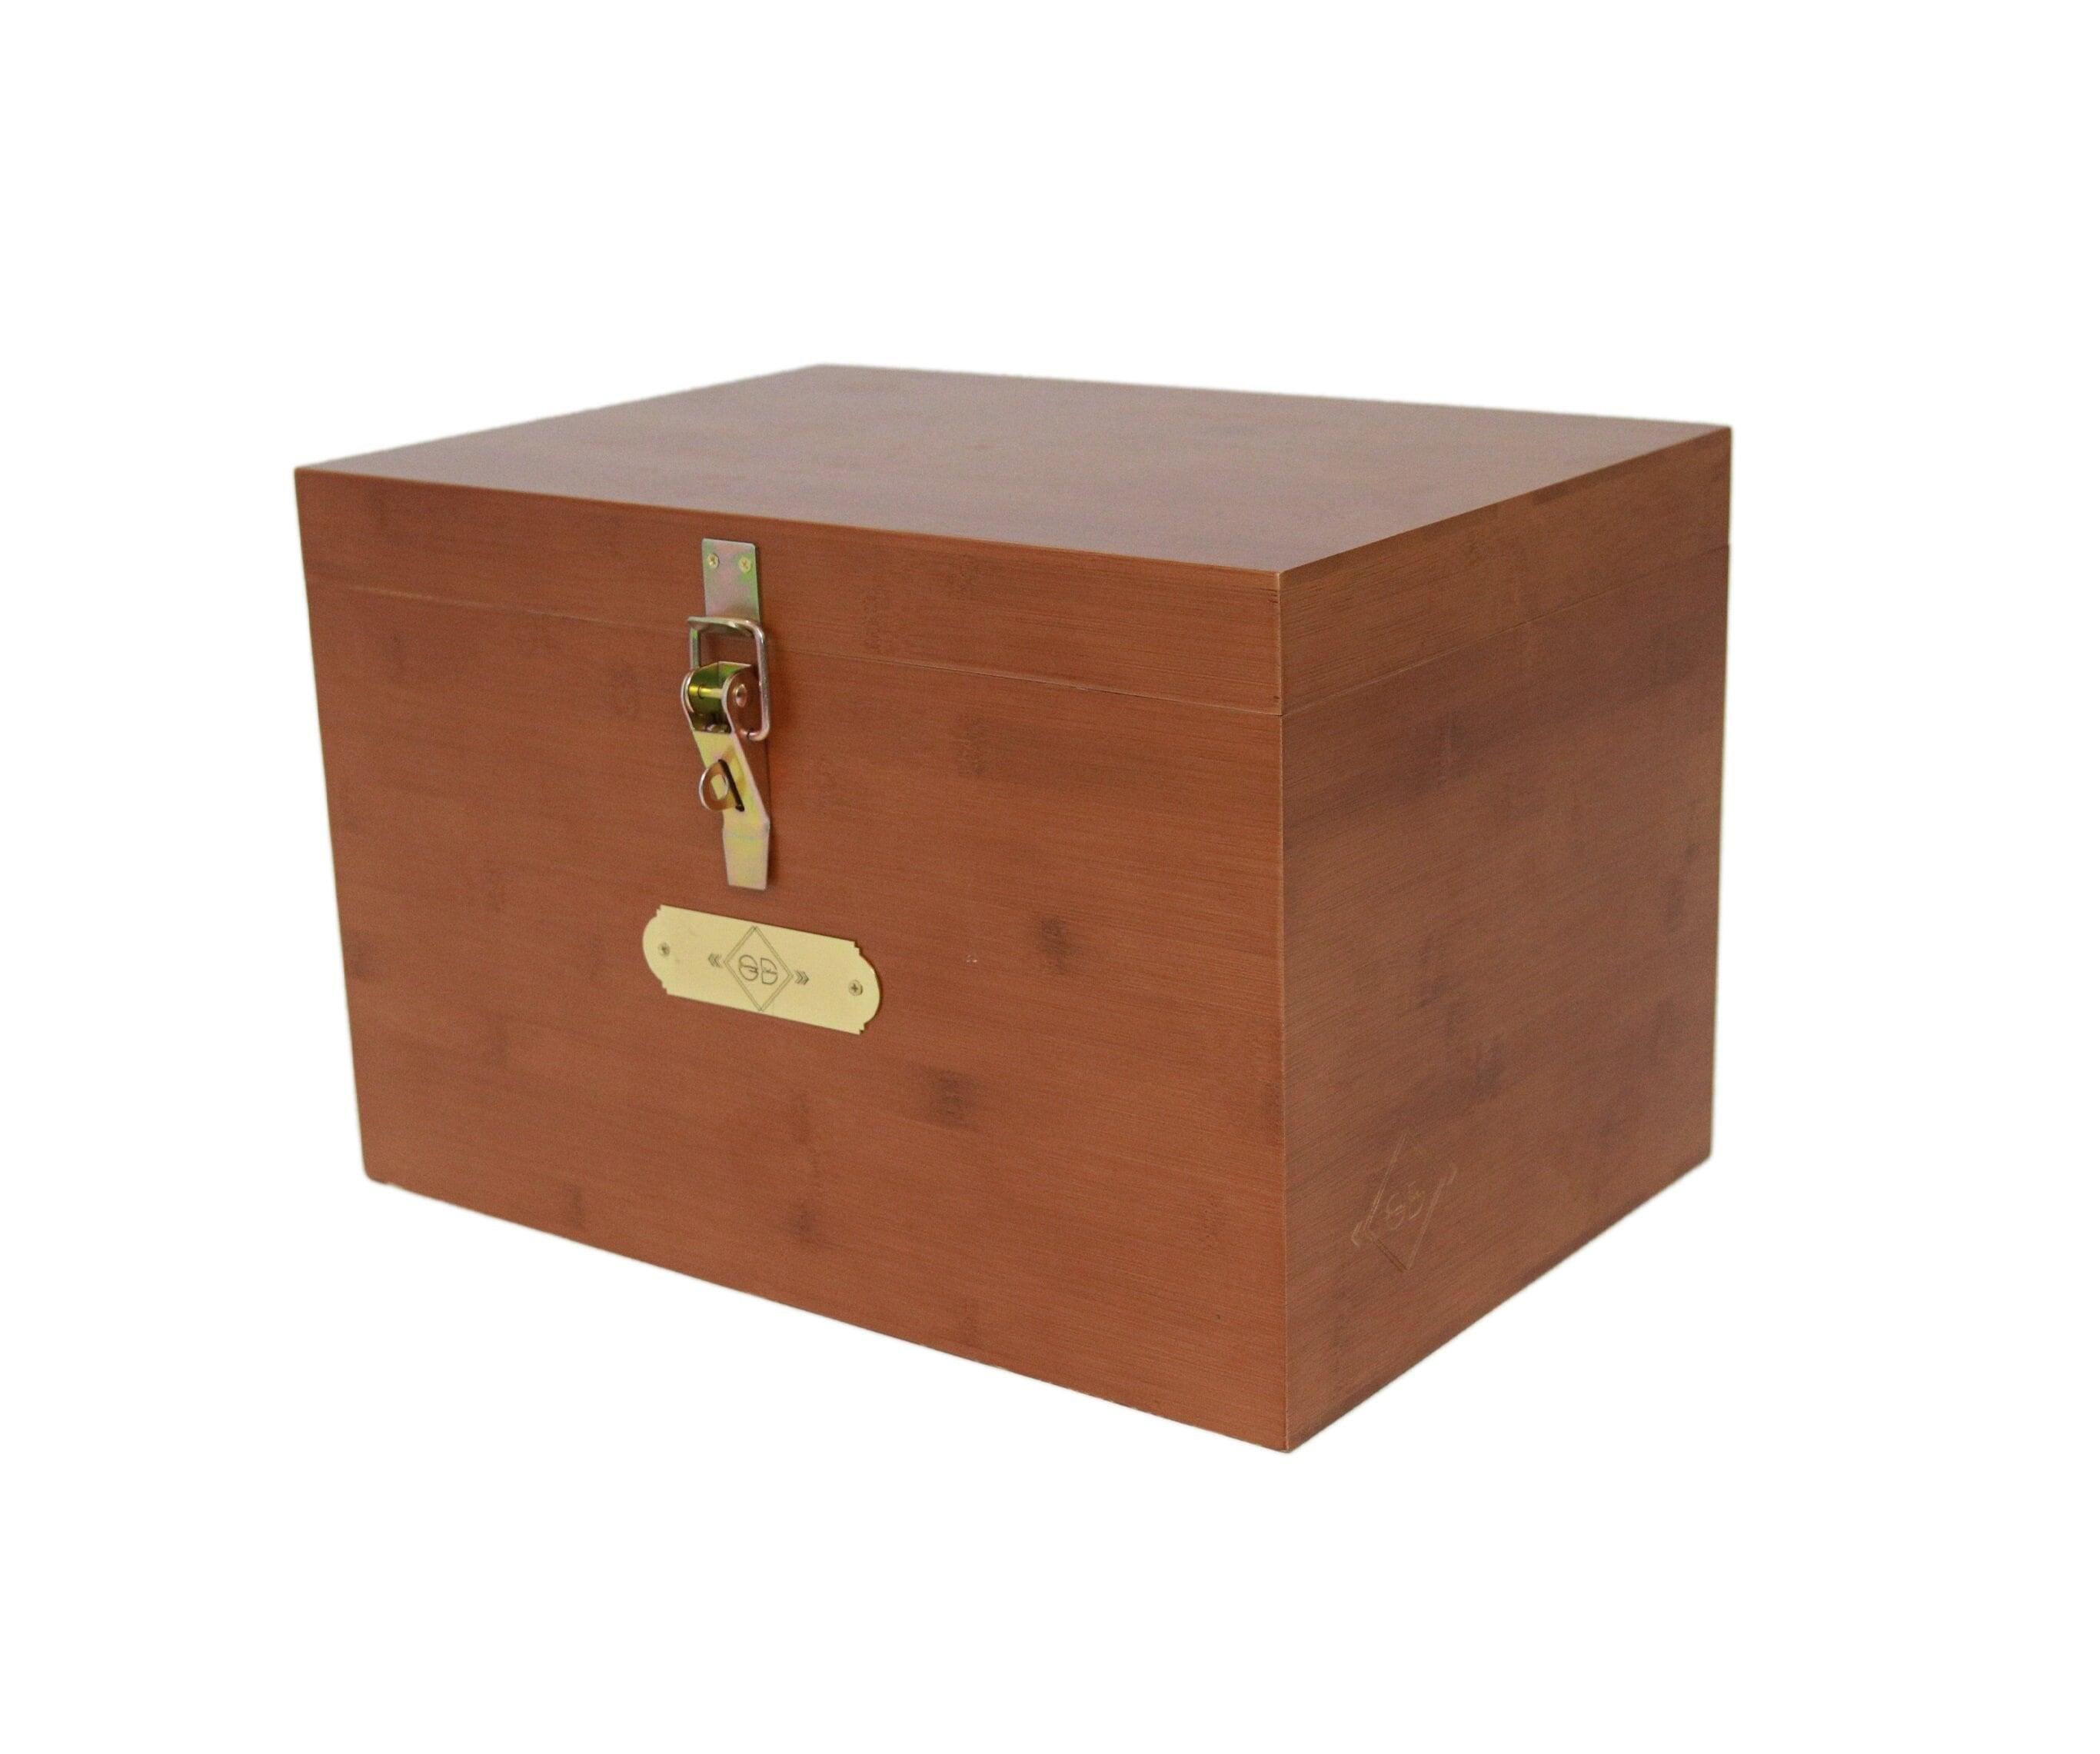 Stable Tack Box